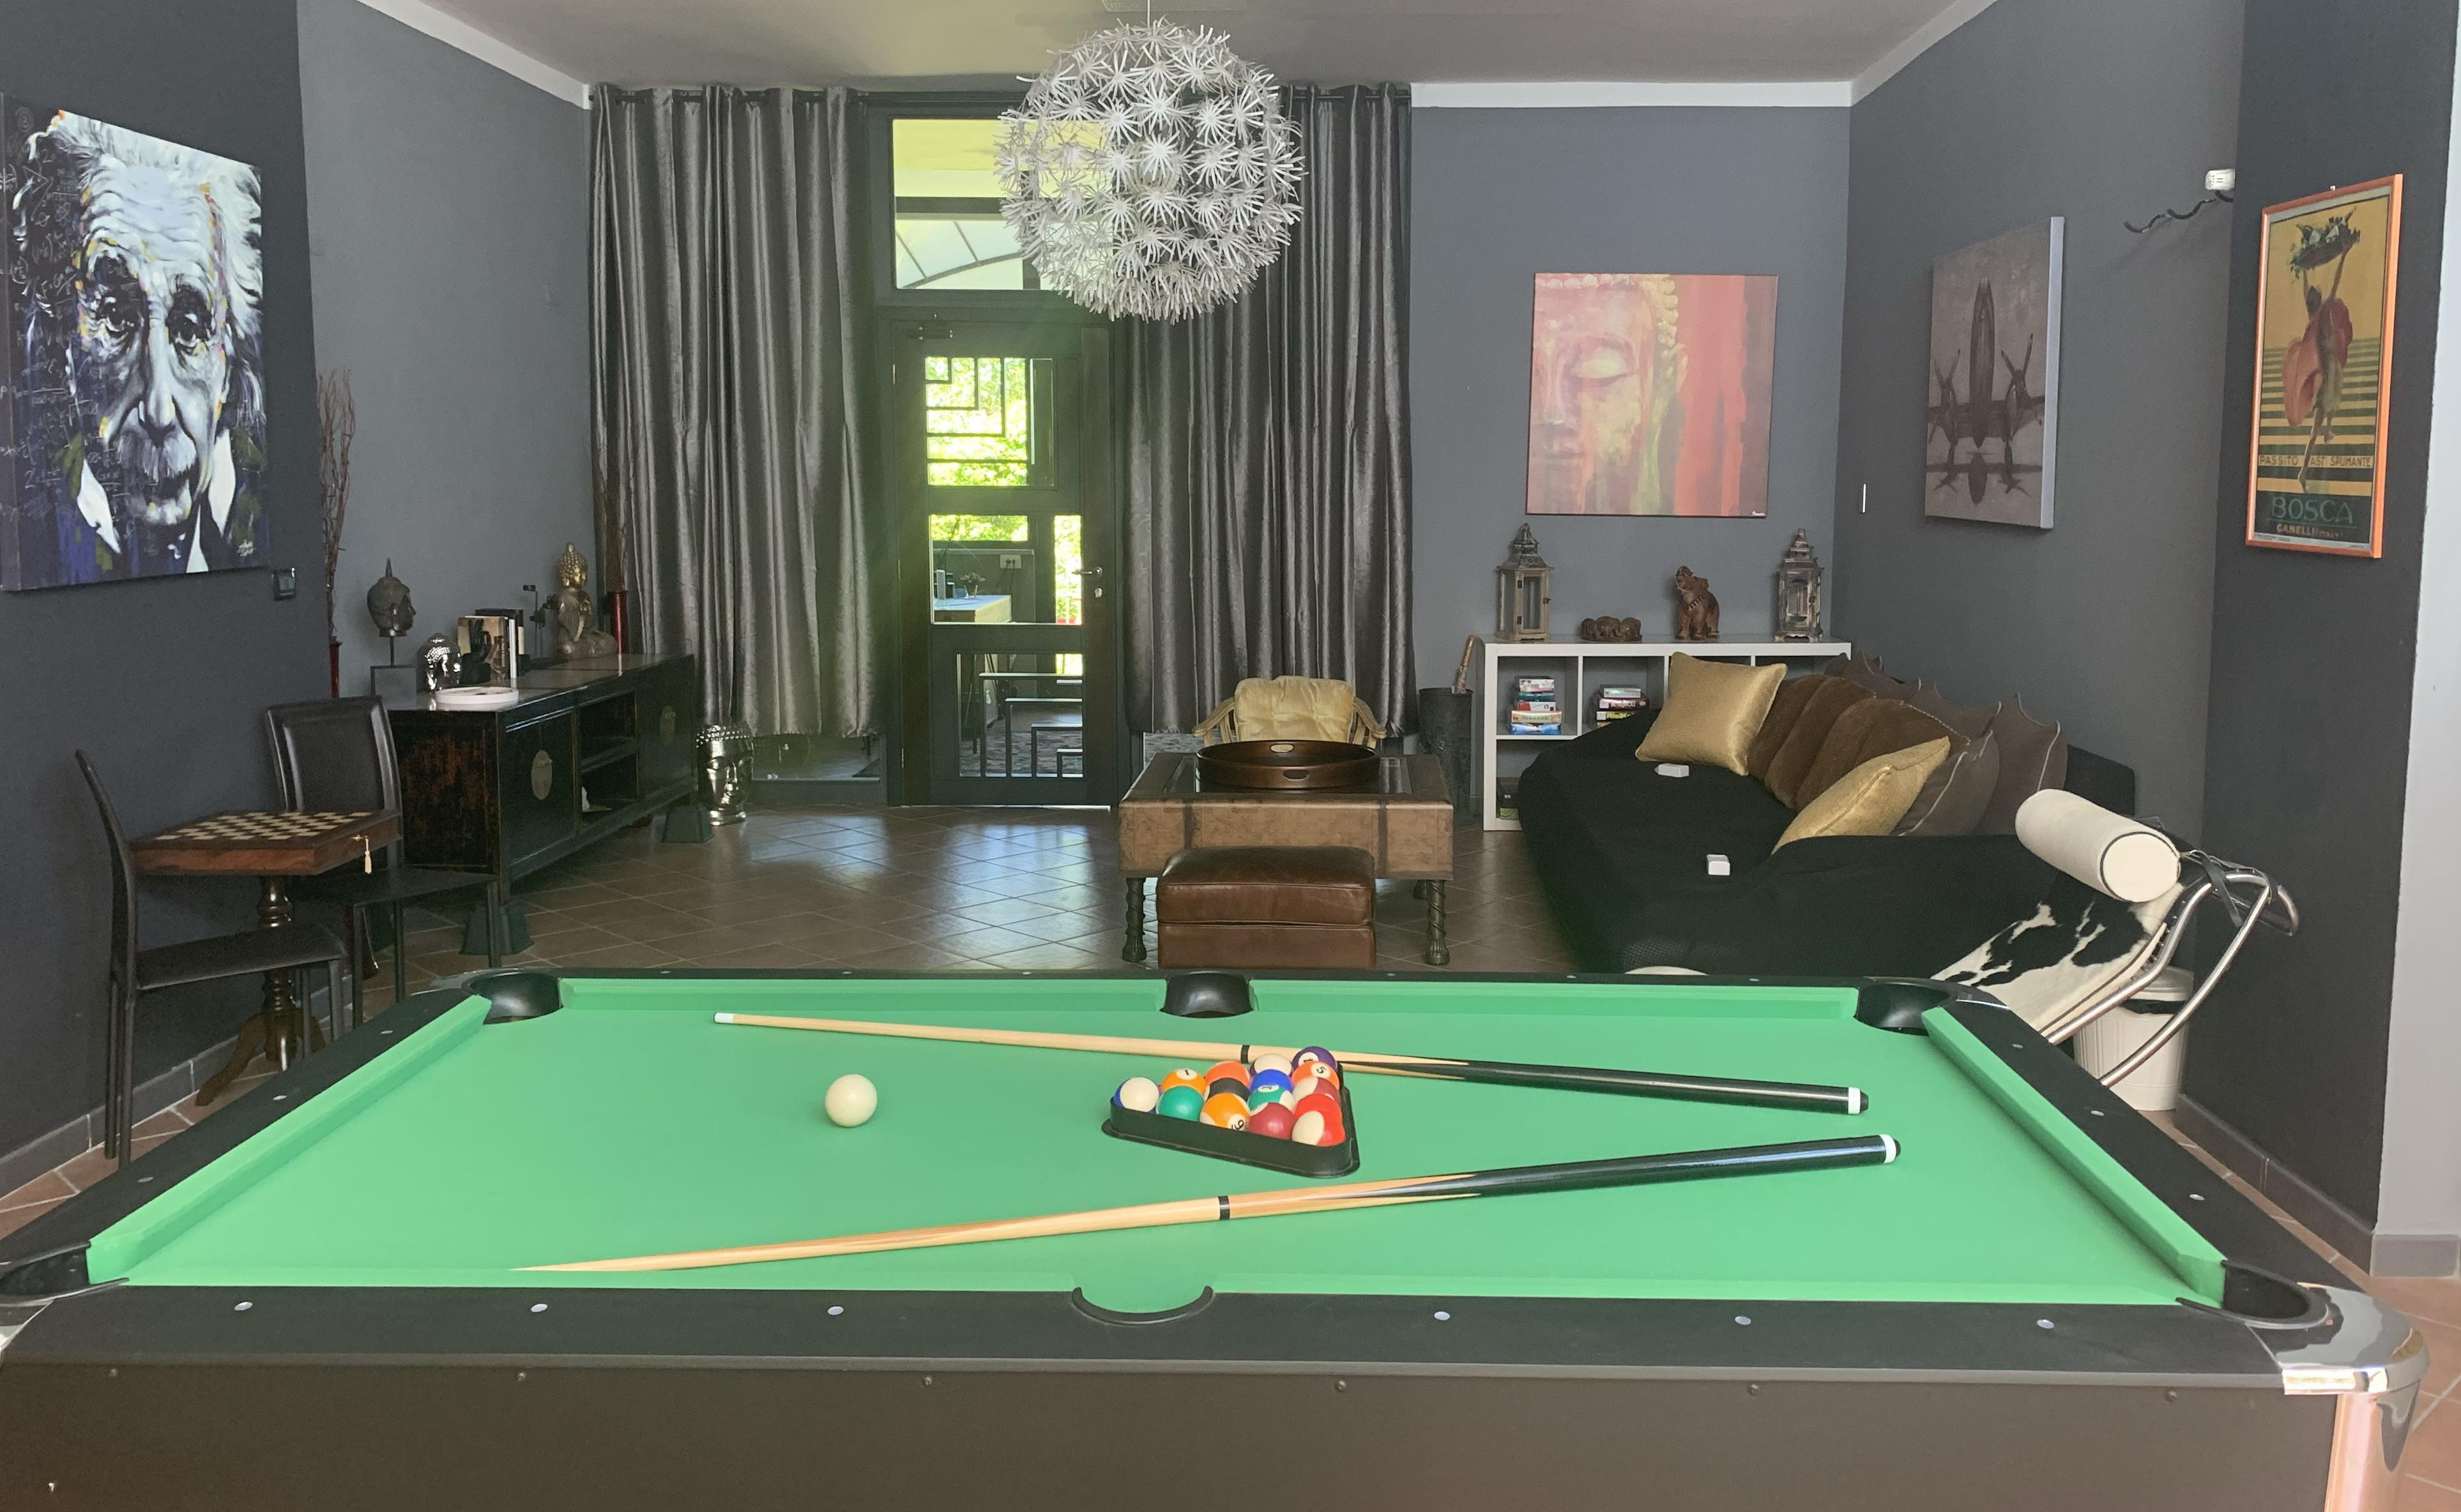 pool / billiards table